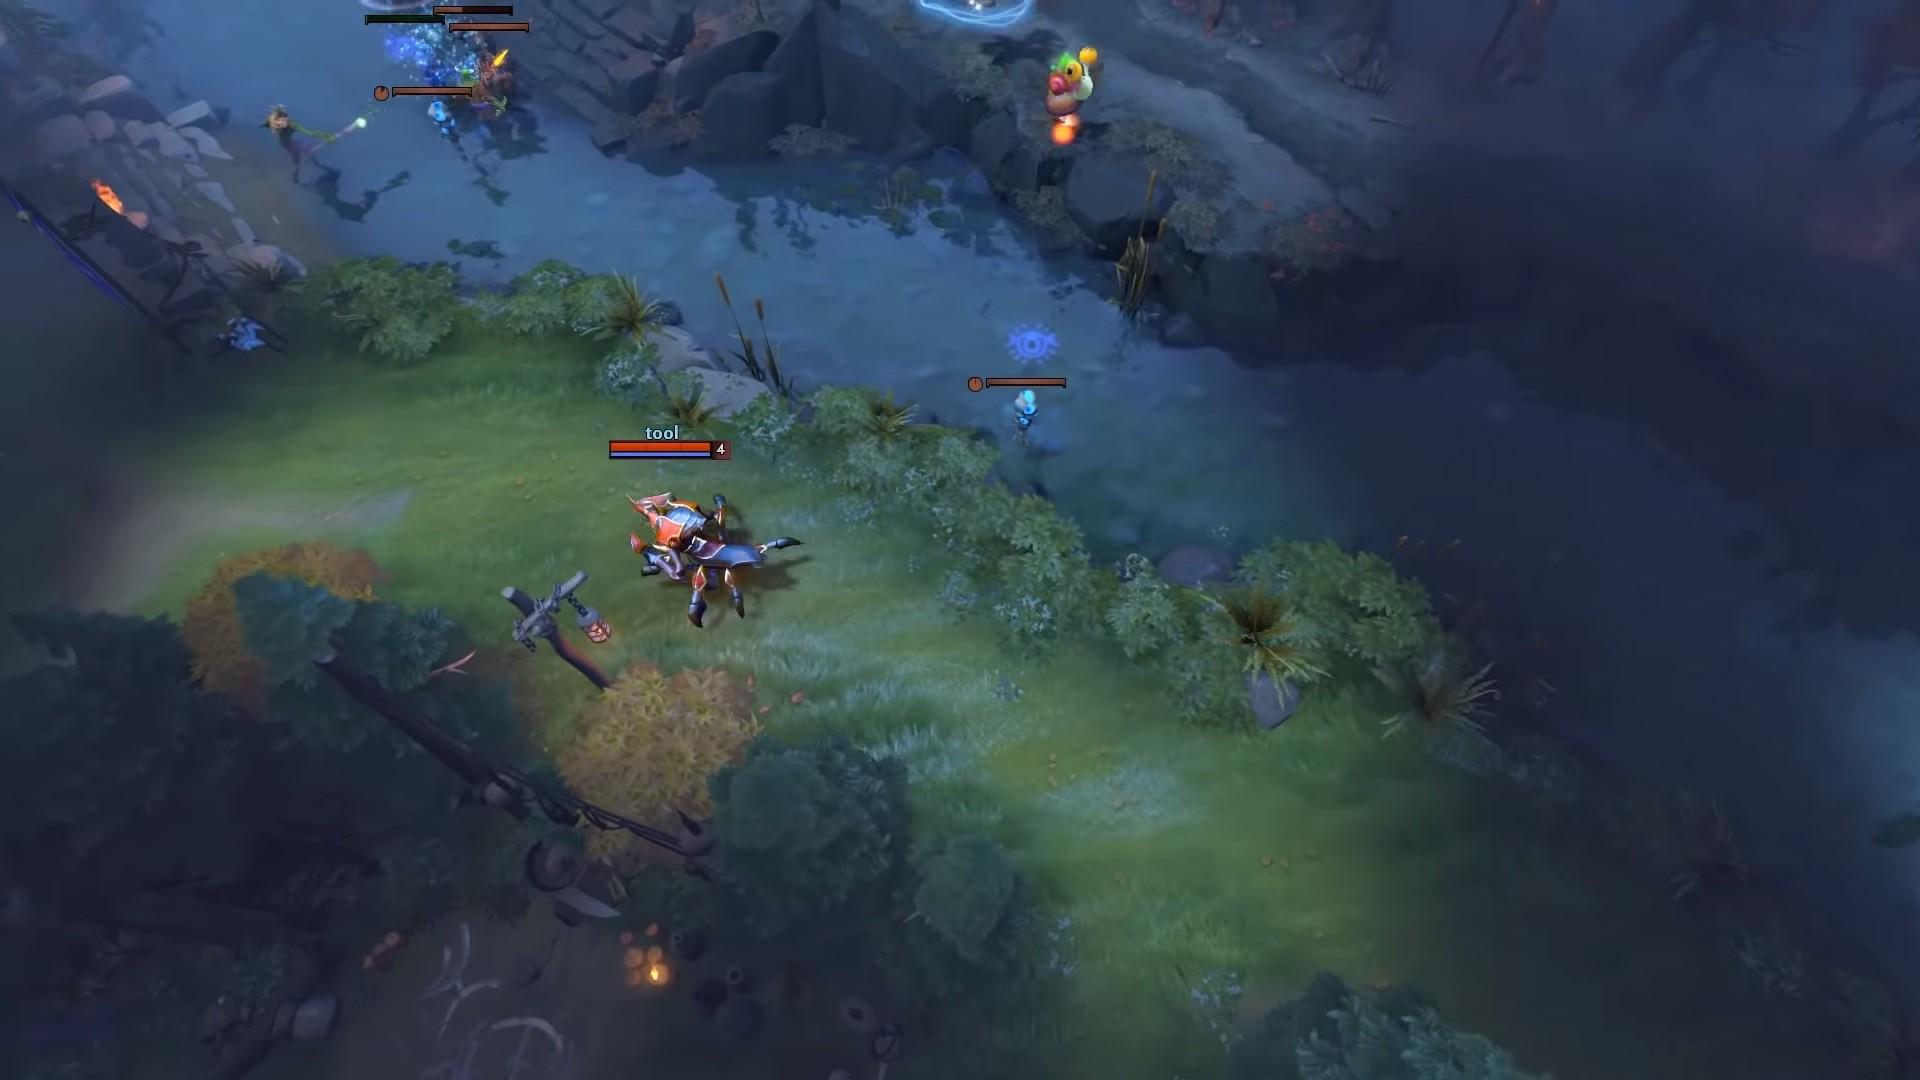 Game thủ chuyên nghiệp thản nhiên sử dụng hack map tại giải đấu có tổng tiền thưởng lên tới 350 triệu VNĐ - Ảnh 6.